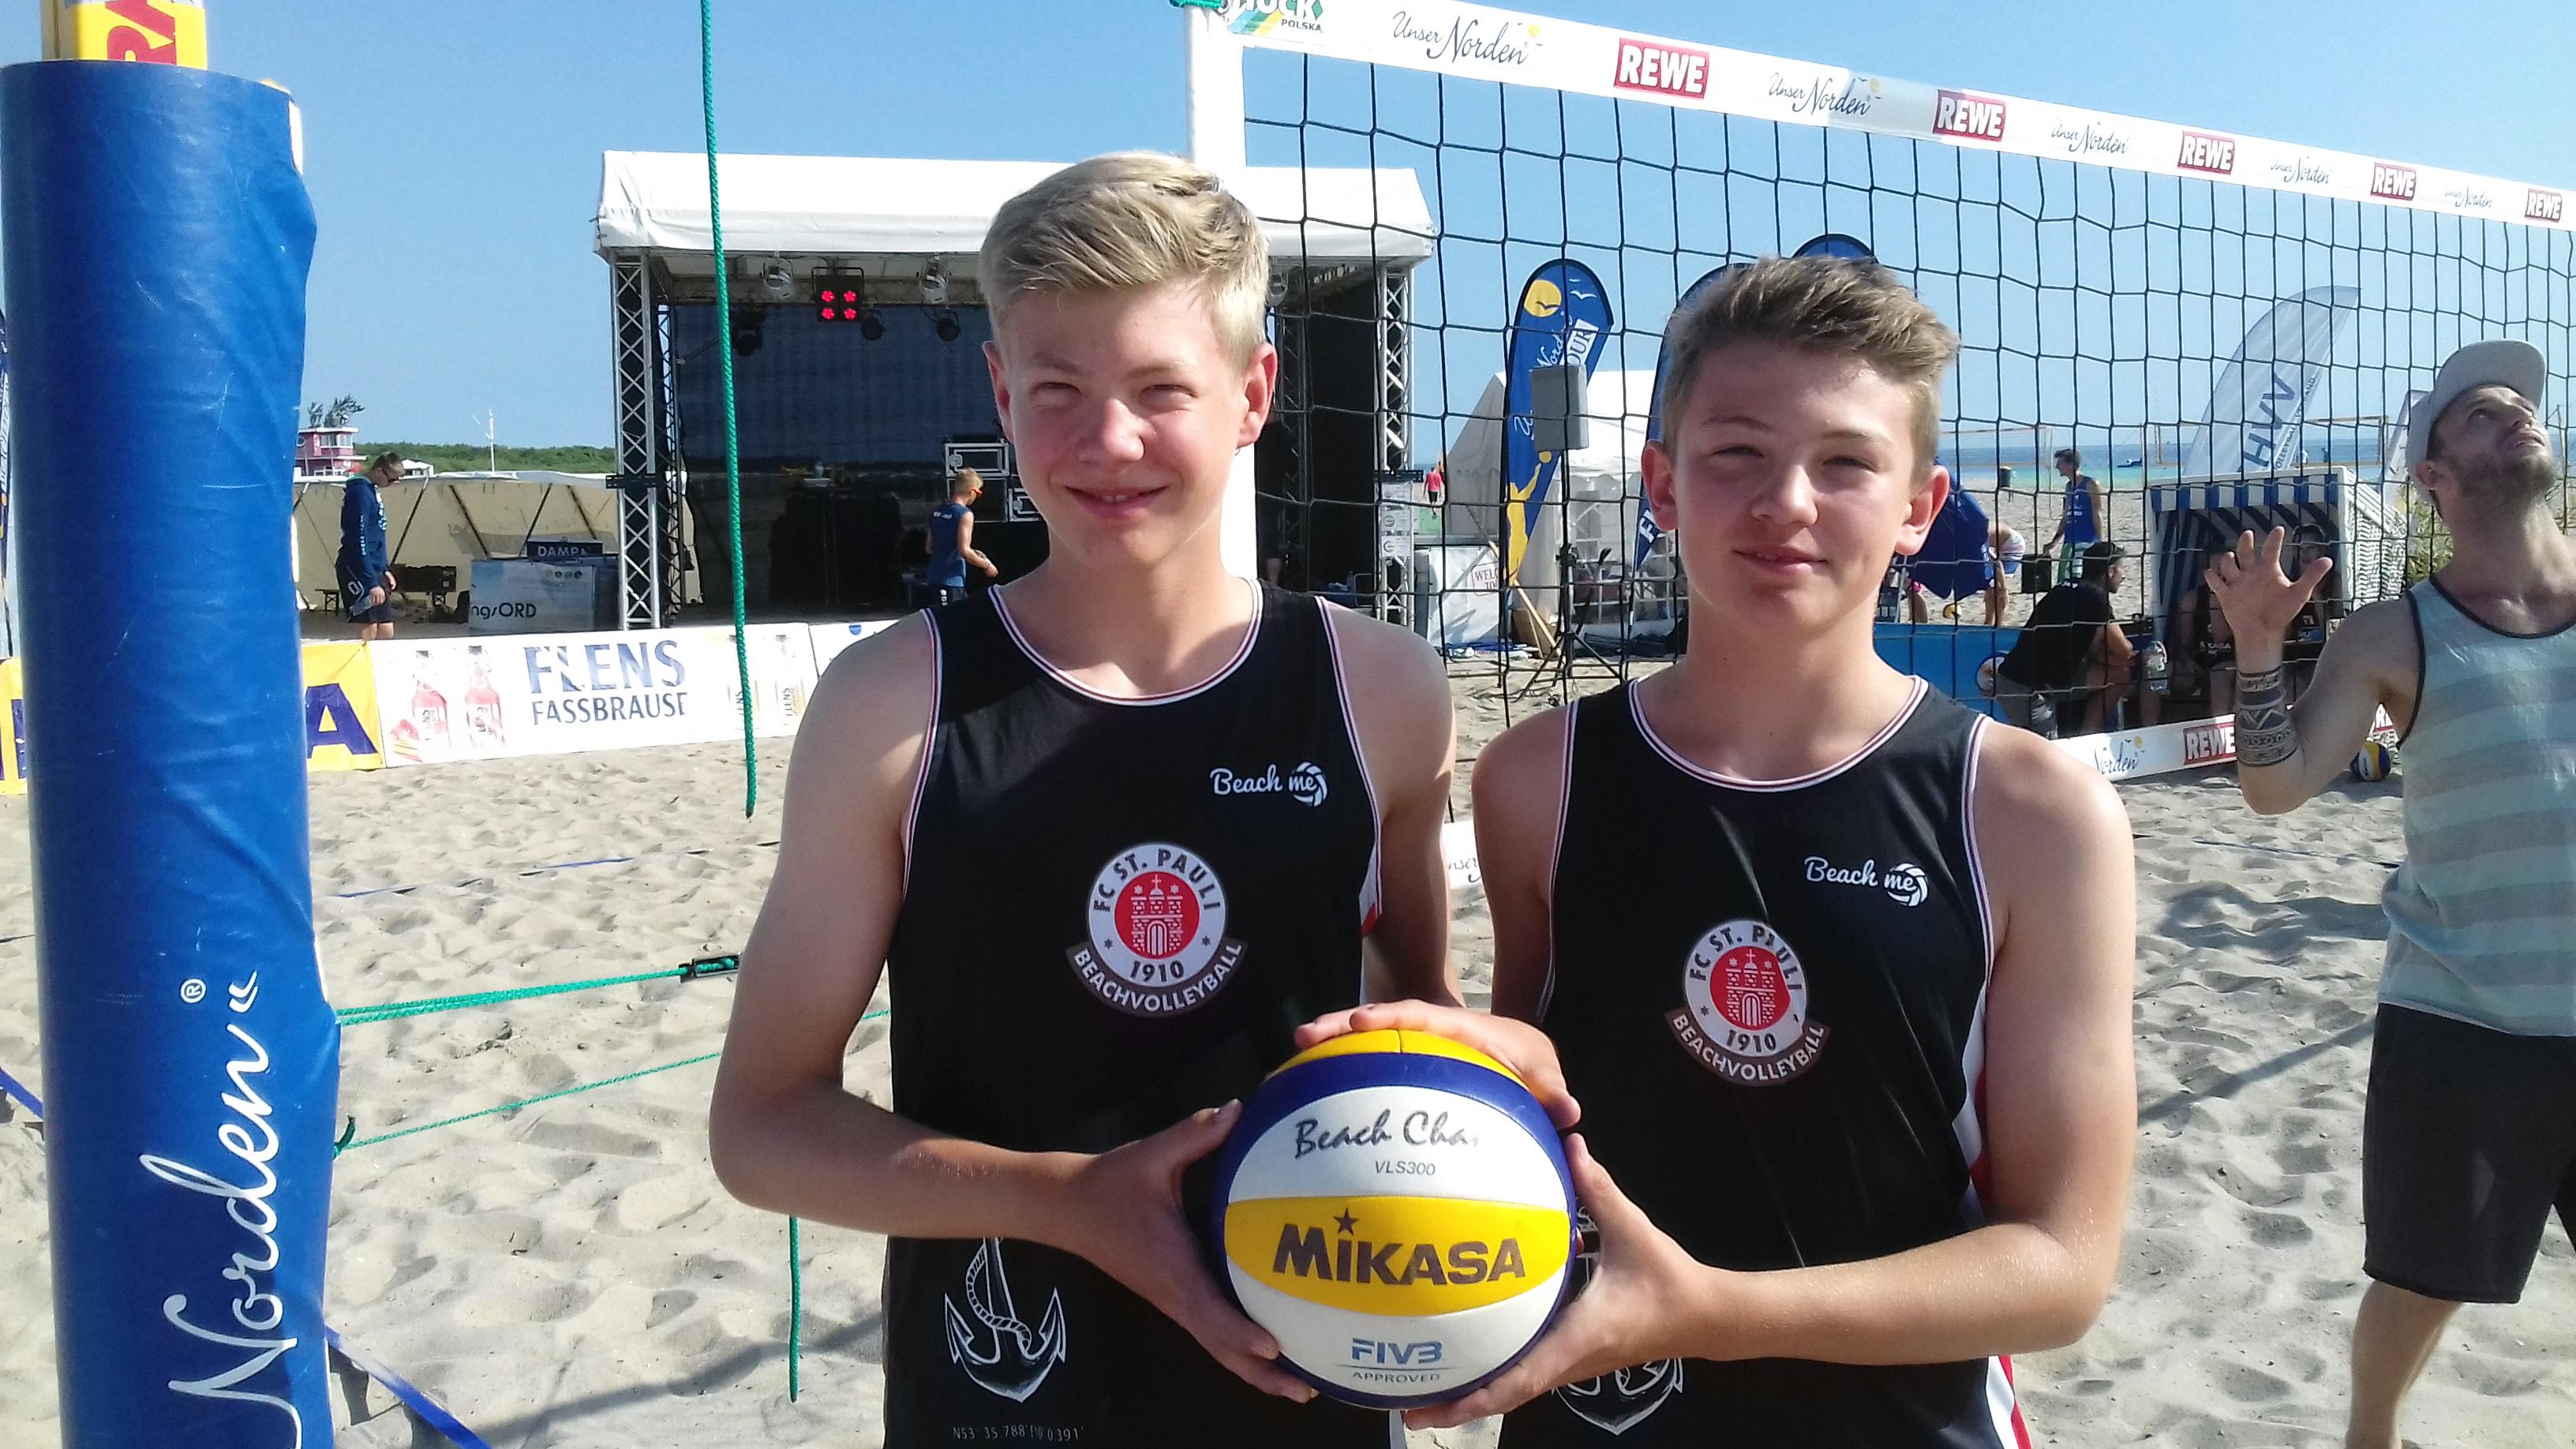 Platz 21 bei Beach-Bundespokal: Beachvolleyball-Duo Camp/Sevecke mit guten Leistungen